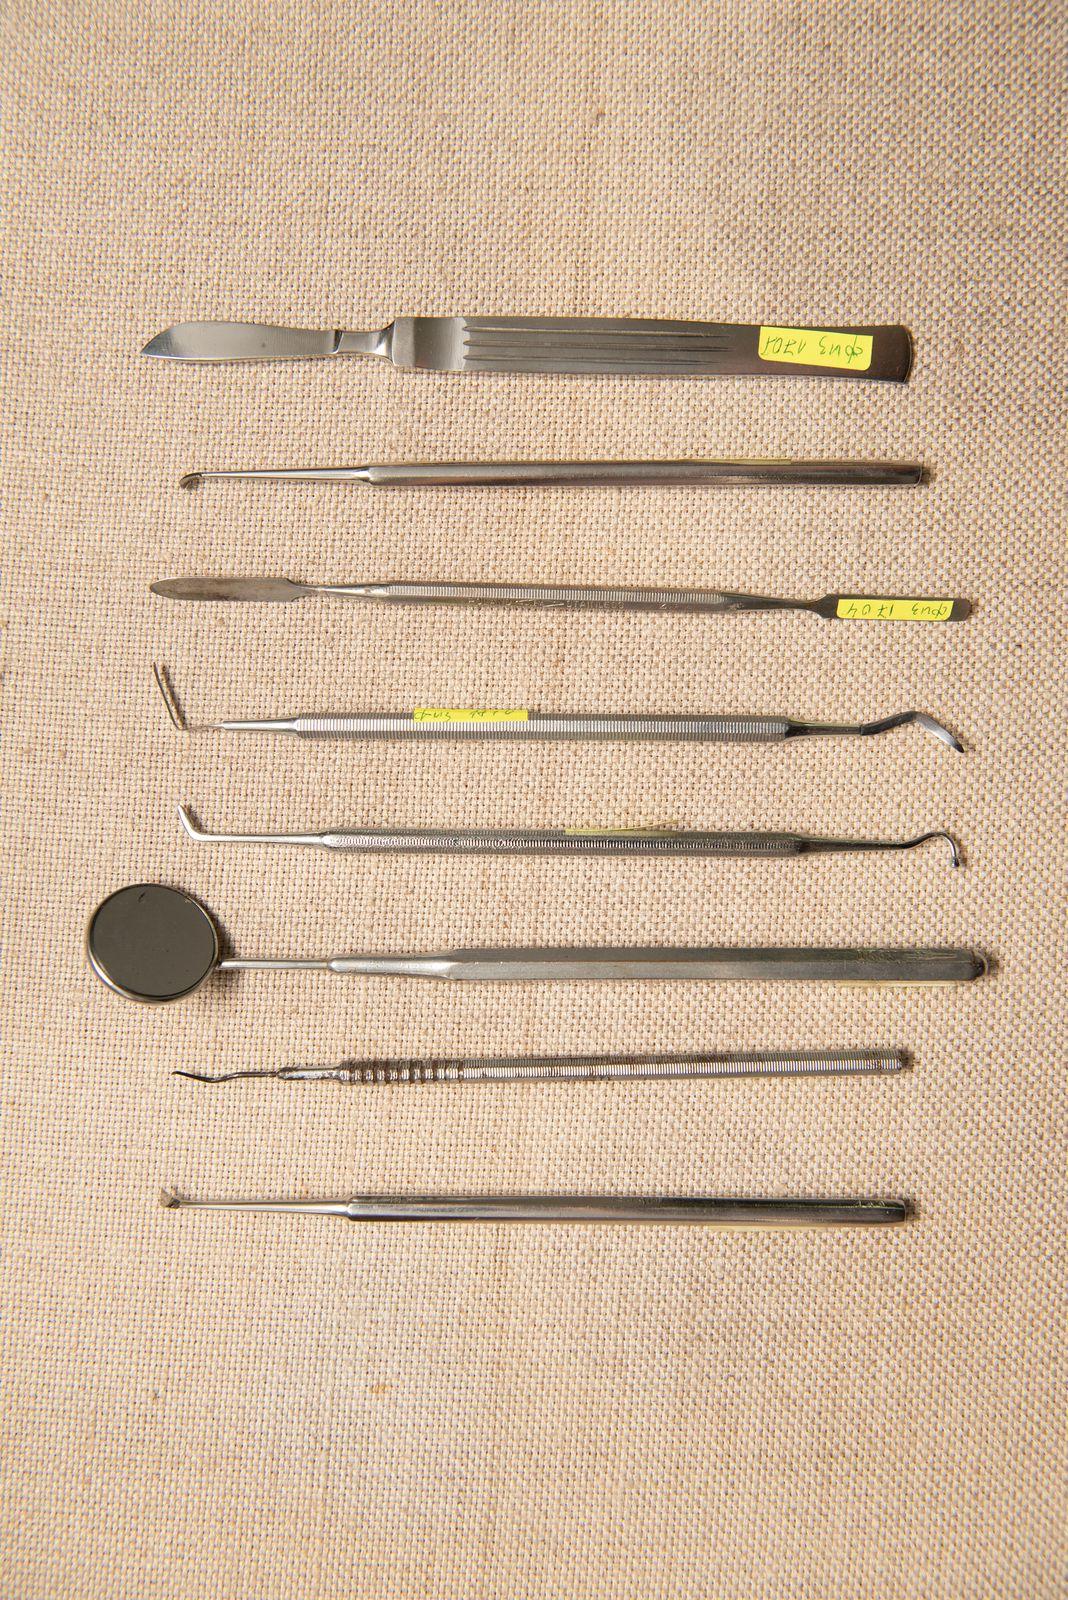 Muzei236_Стоматологичен инструментариум за преглед и скалпел от средата на ХХ век